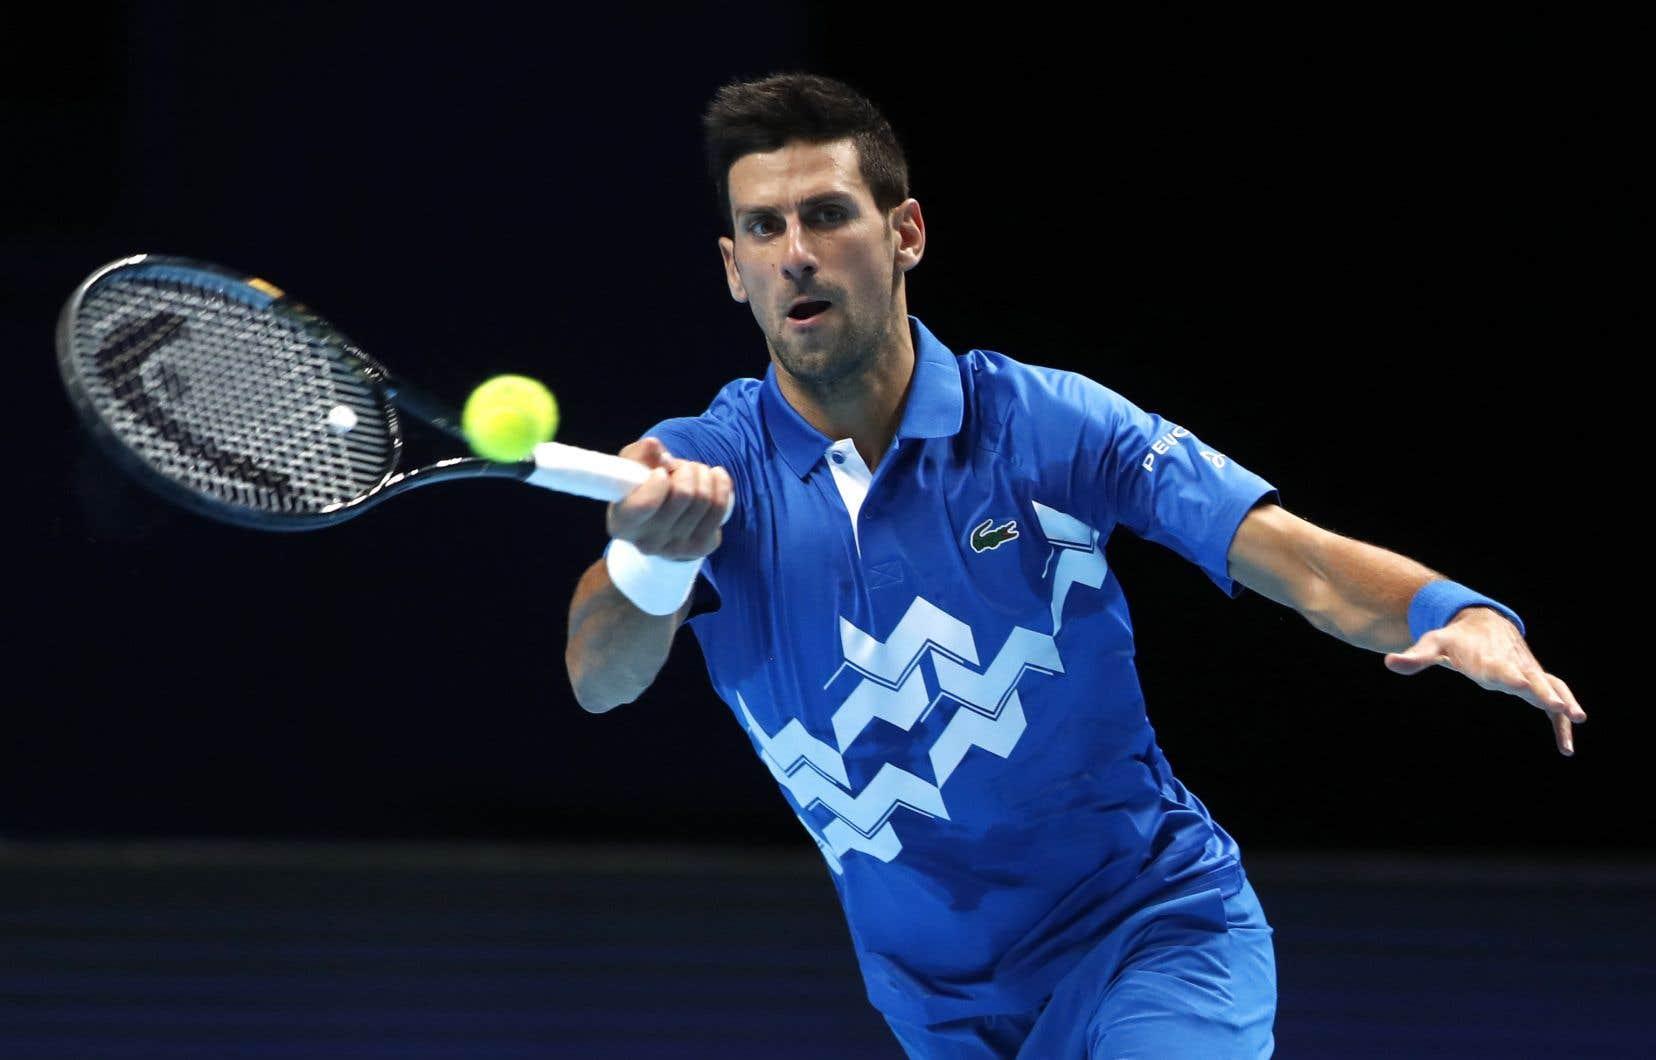 Le favori Djokovic a rendez-vous avec Dominic Thiem, samedi, alors qu'il est en quête d'un sixième titre record à ce tournoi qui met fin à la saison, et de son premier depuis 2015.